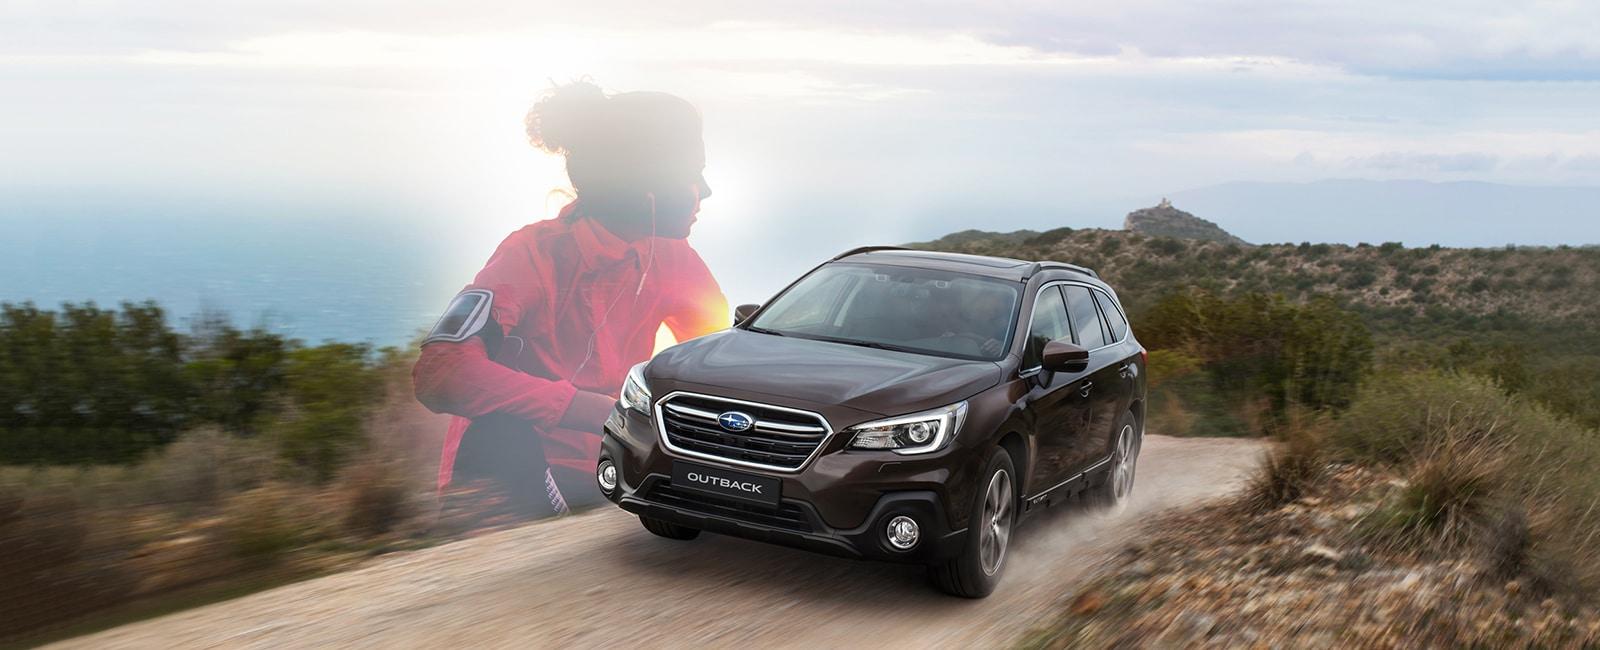 Subaru Outback på fjellvei